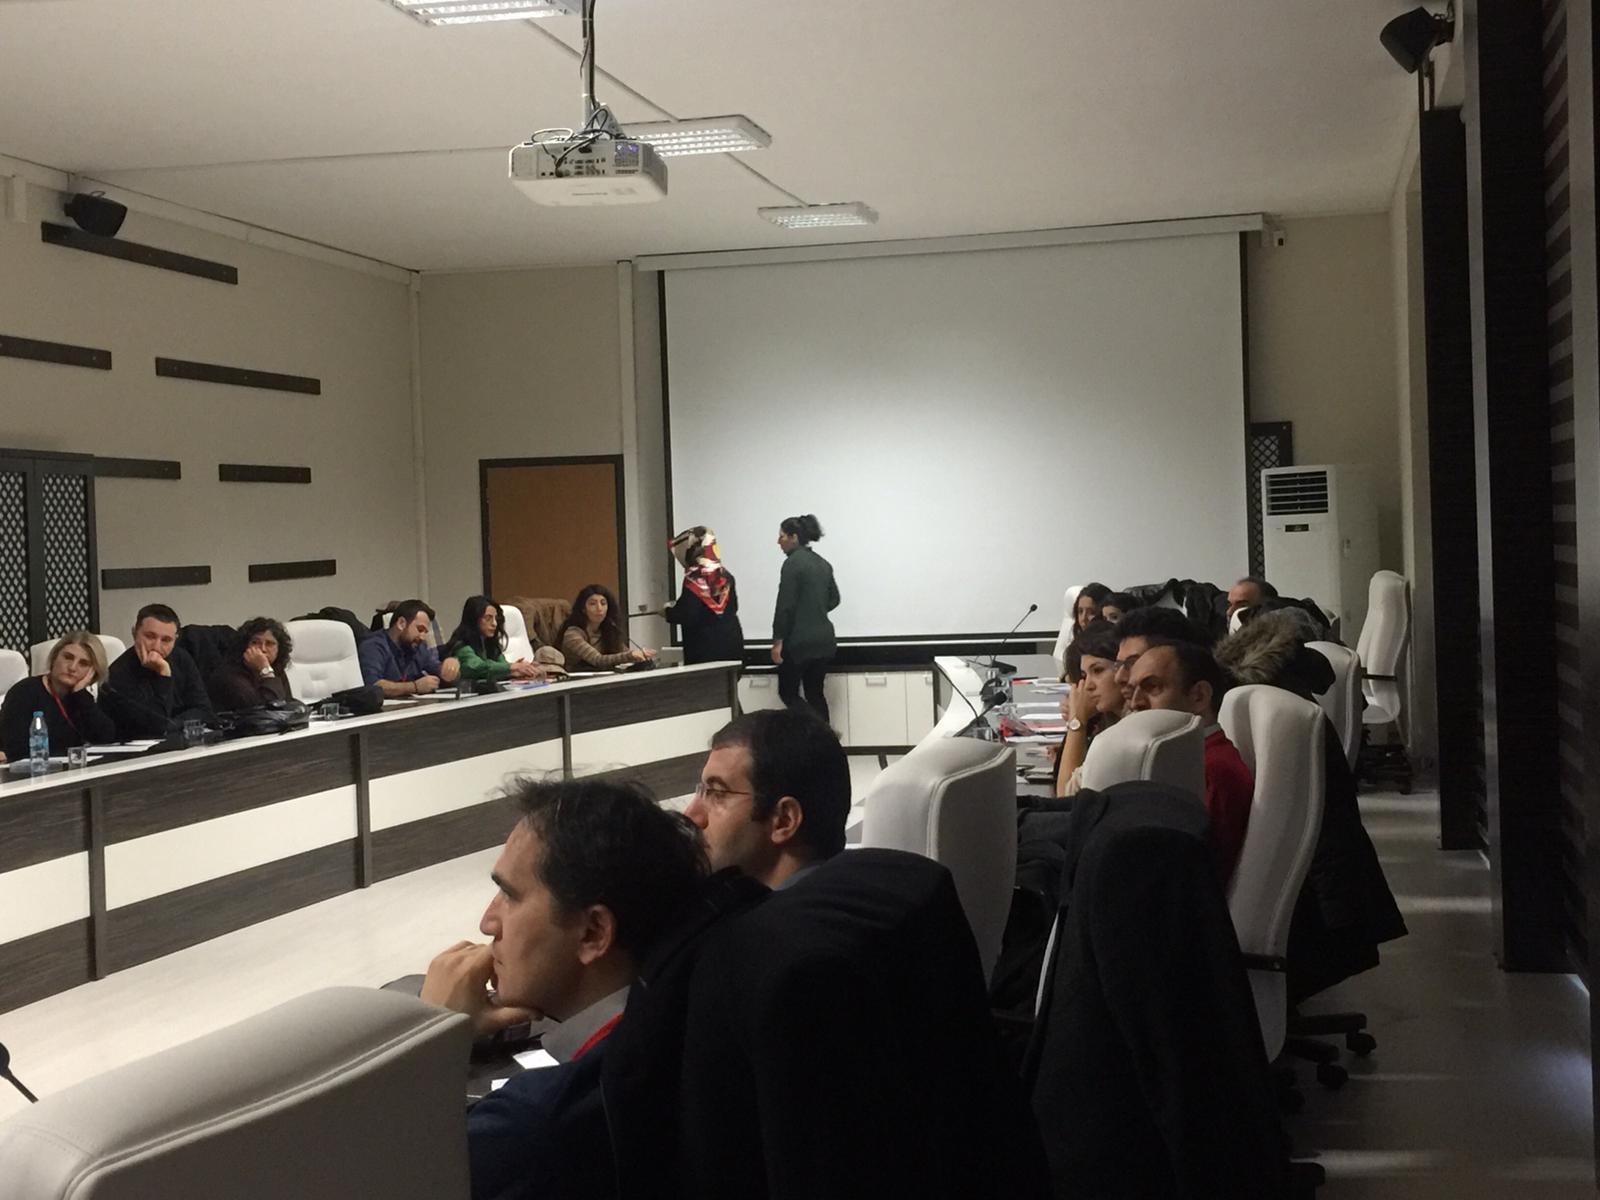 İstanbul Milli Eğitim Müdürlüğü bünyesinde düzenlenen Palyatif Bakım eğitimi başladı.